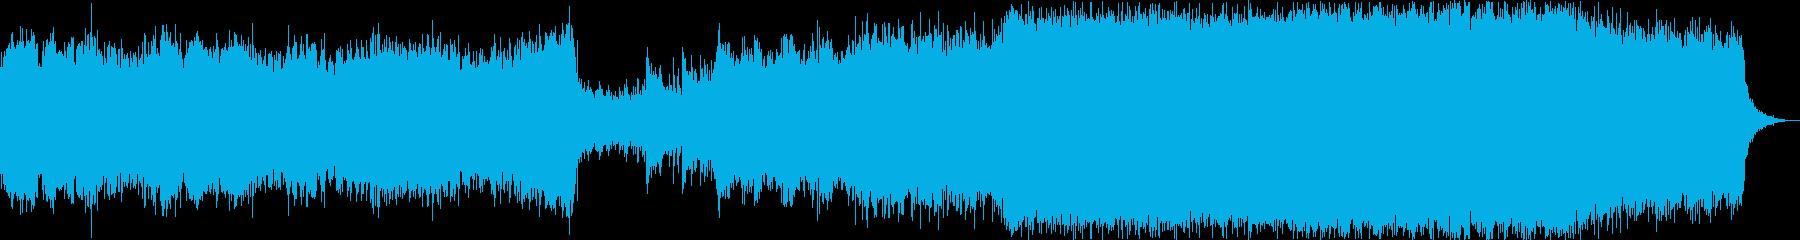 ロックオーケストラ 戦いの再生済みの波形